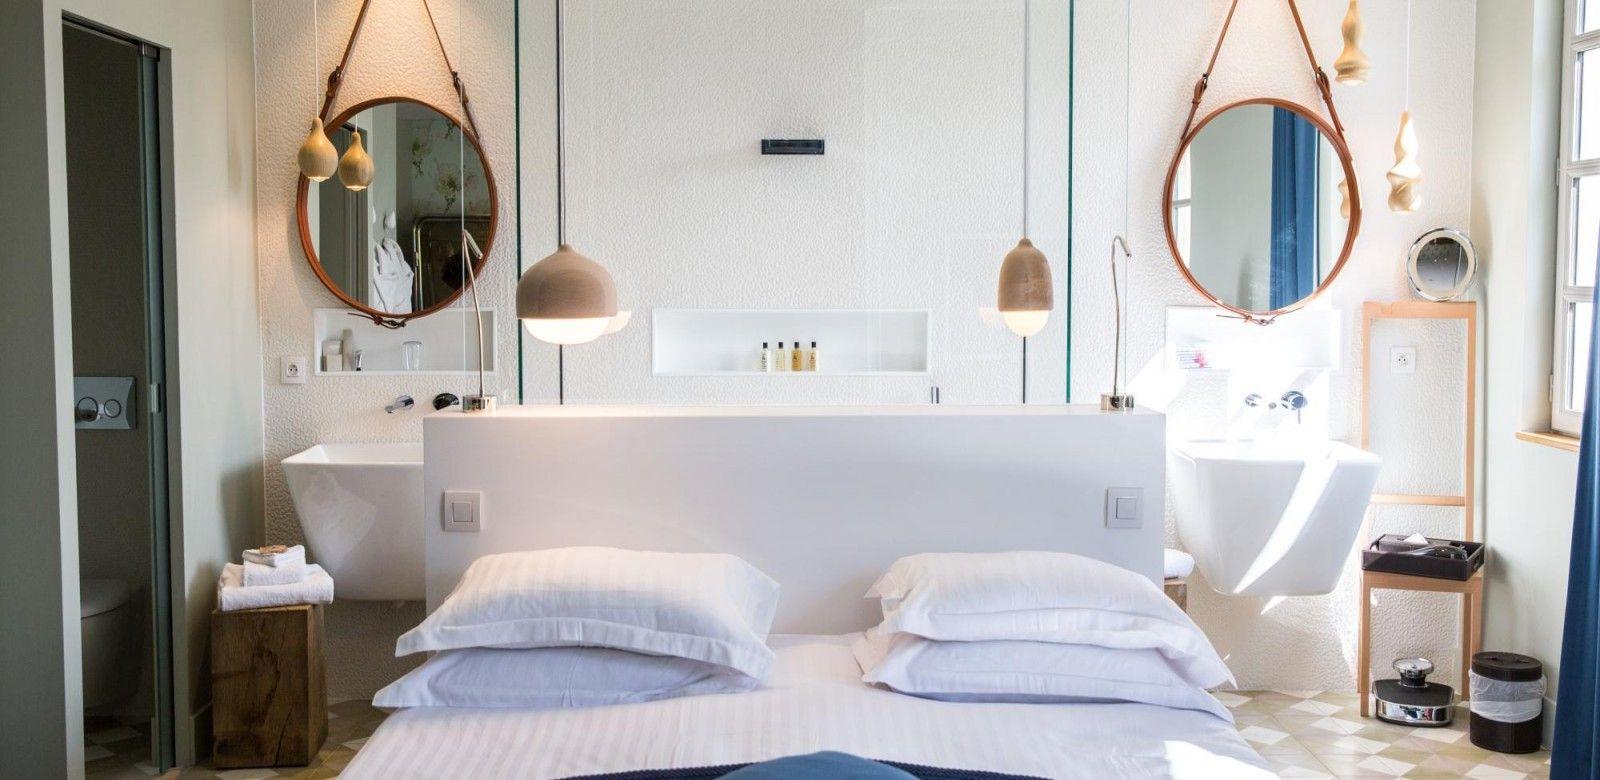 Chambres Hotel 5 Etoiles Provence Couvent Des Minimes Hotel Et